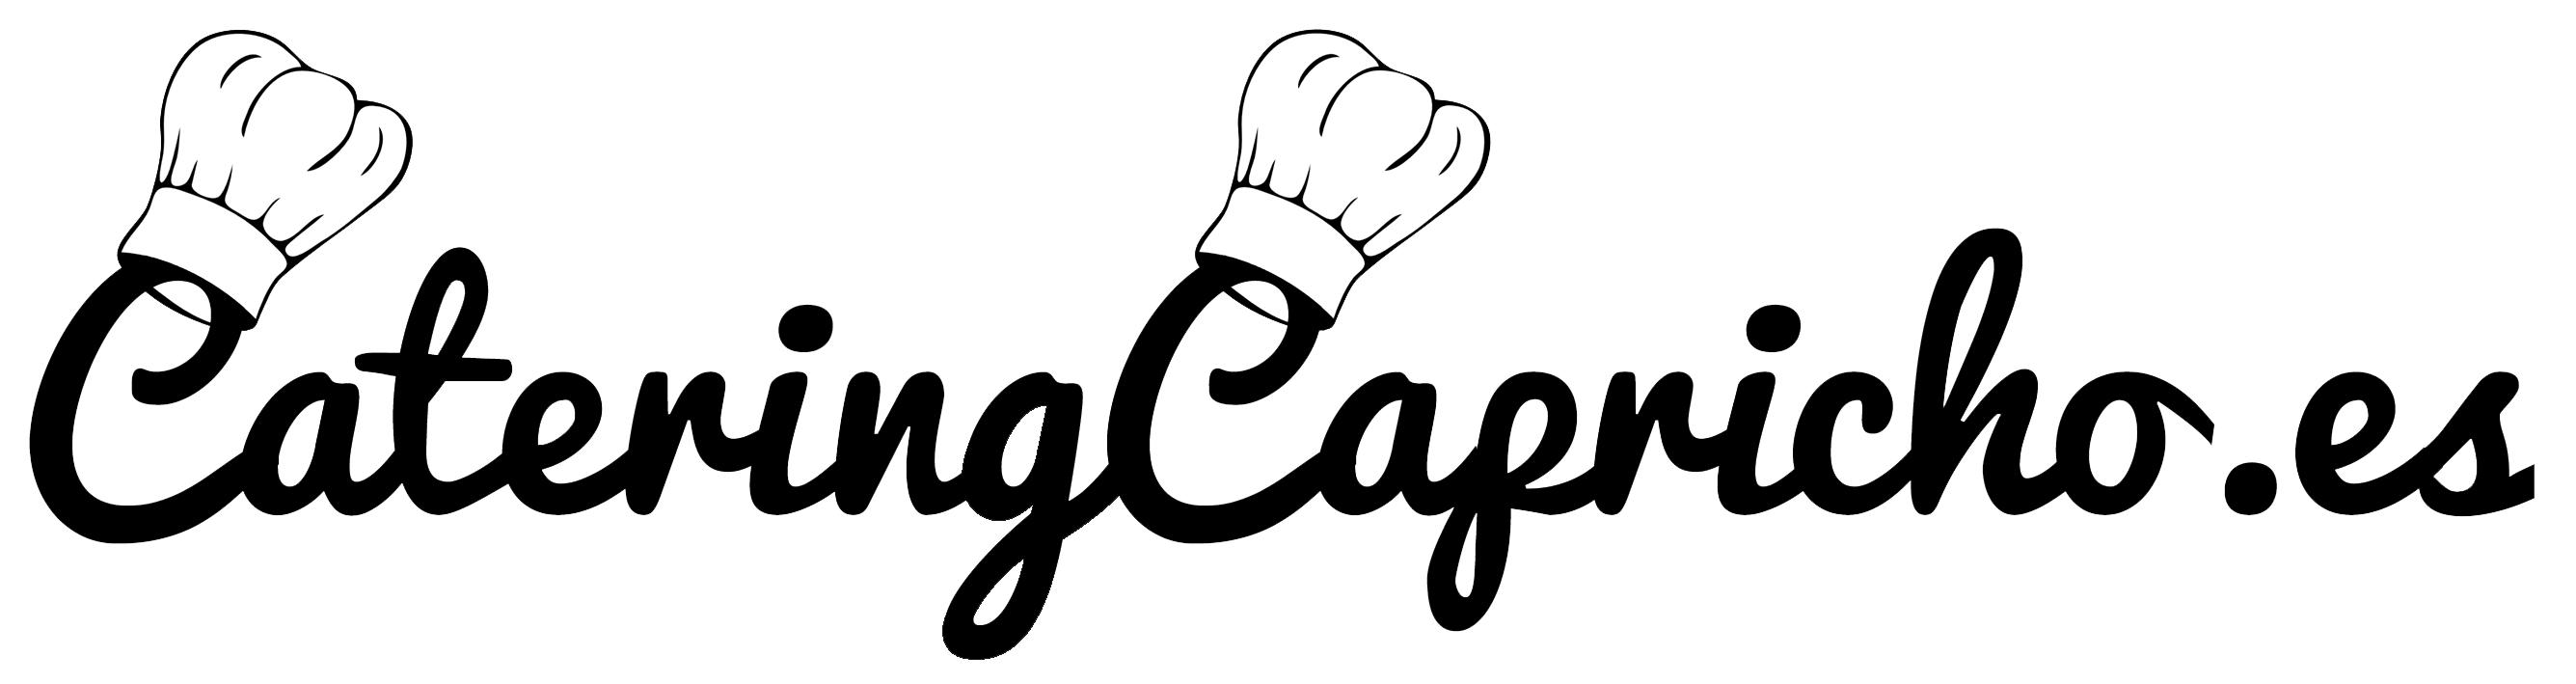 Cateringcapricho.es